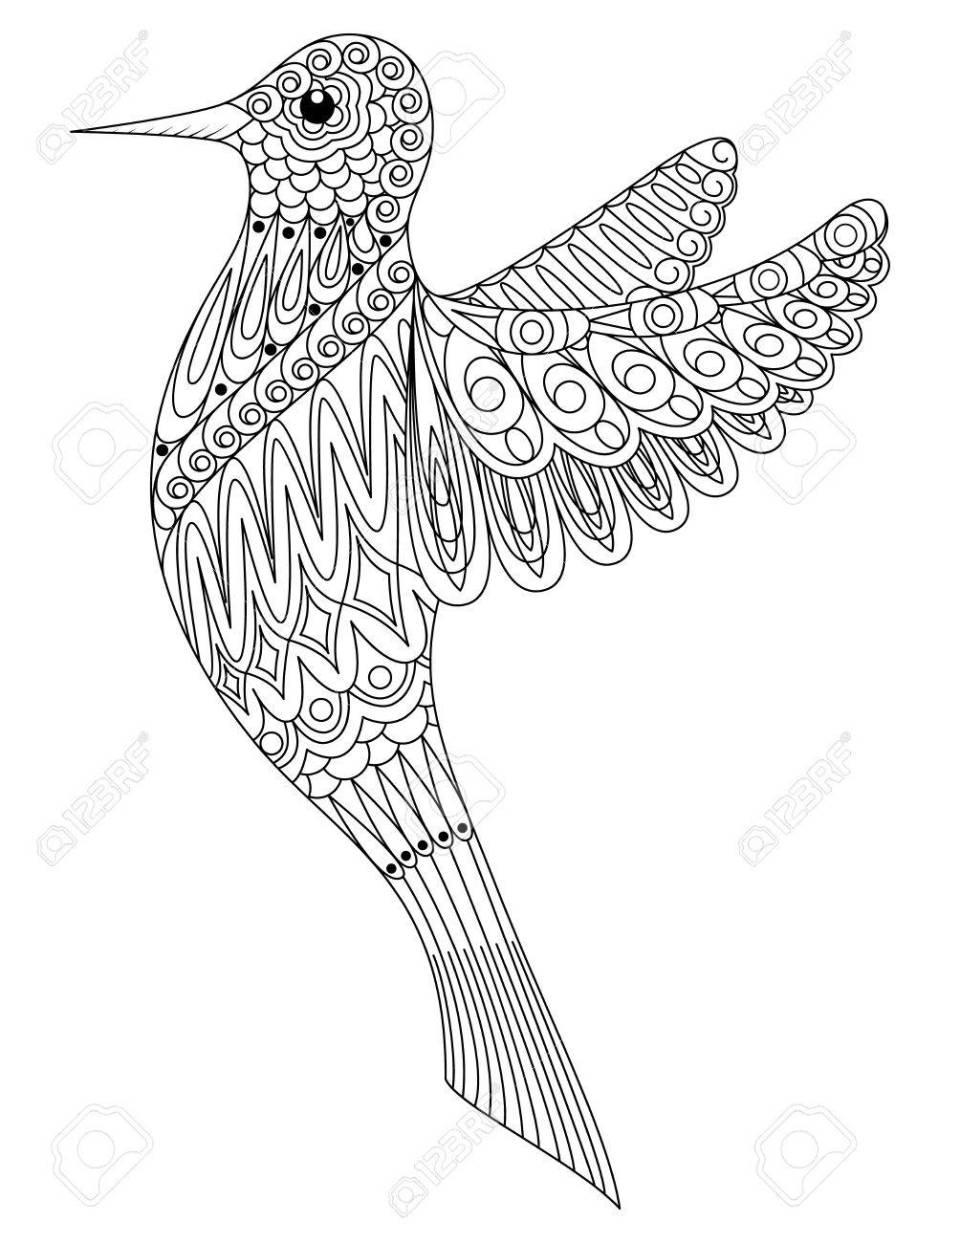 大人塗り絵鳥。のイラスト素材・ベクタ - image 82666617.